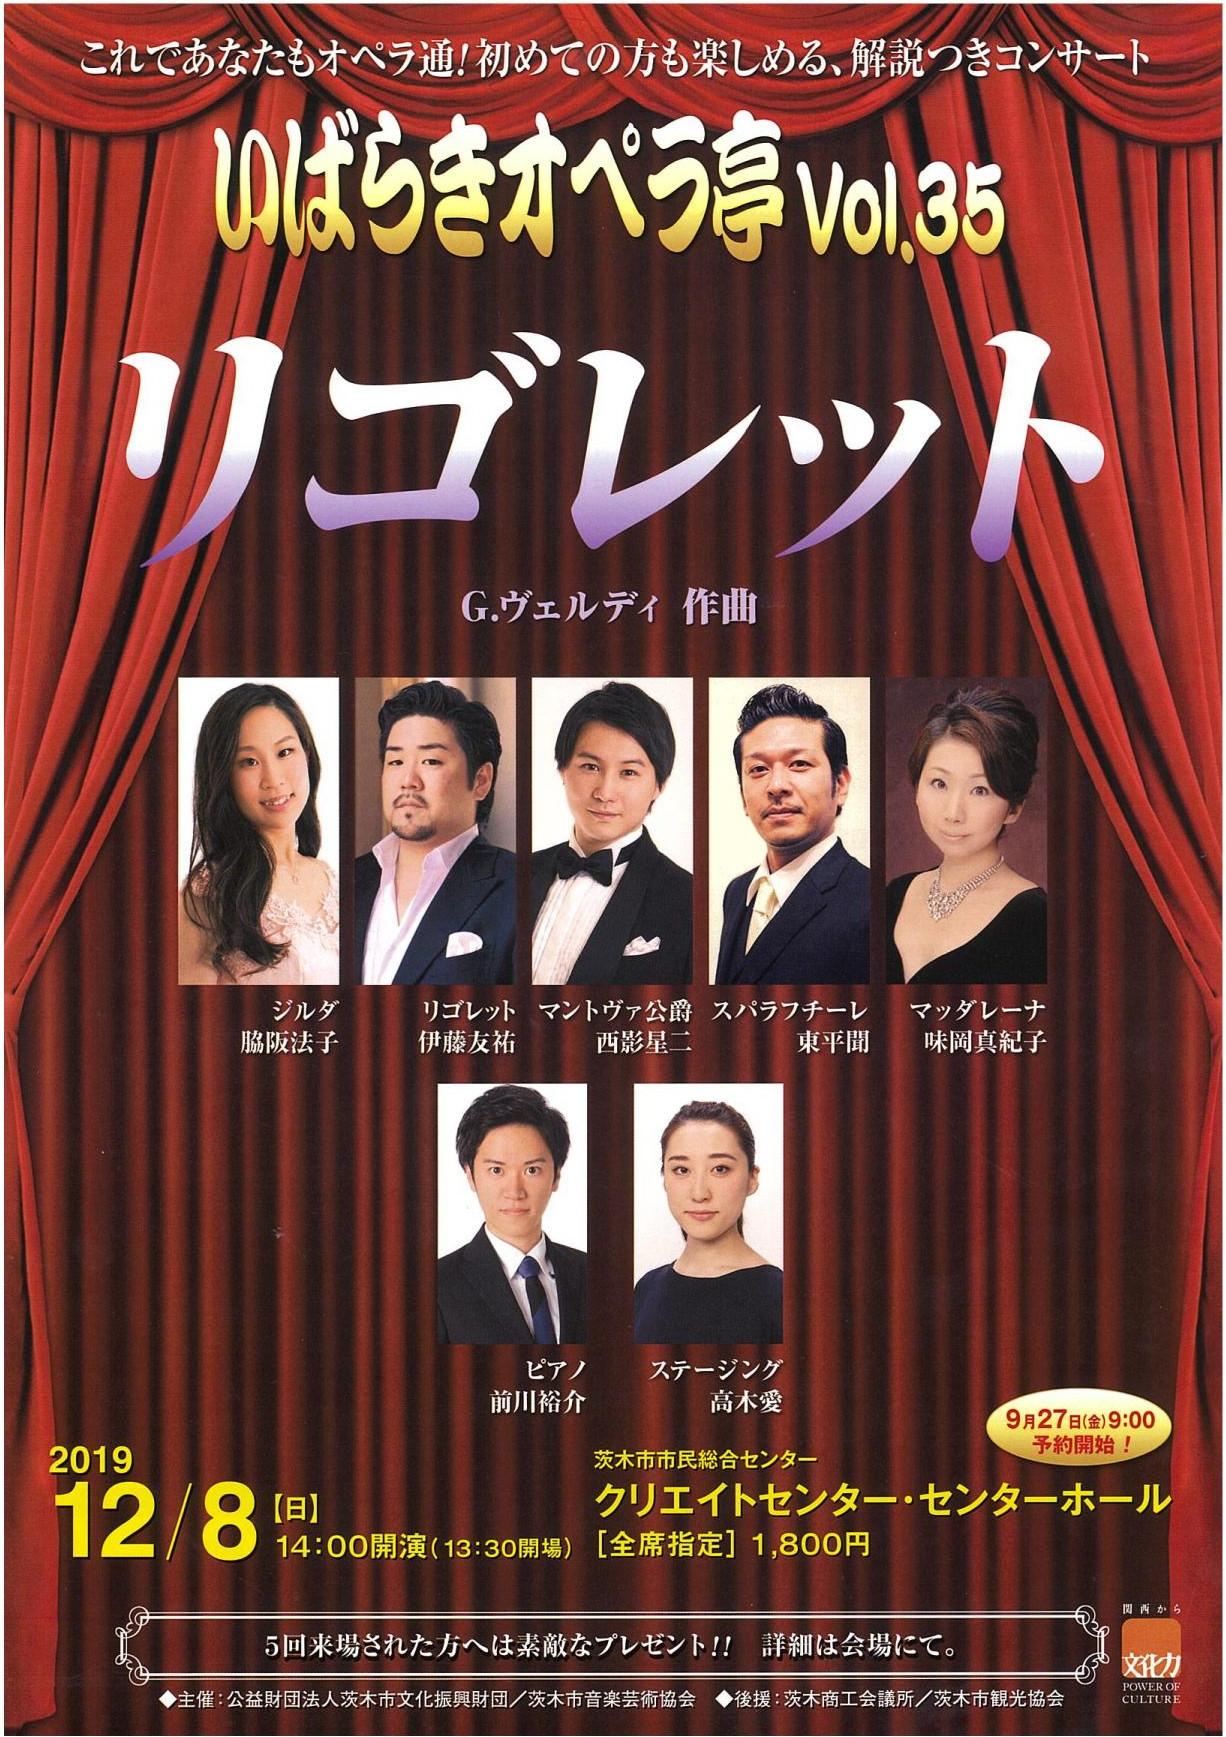 いばらきオペラ亭Vol.35リゴレット2019